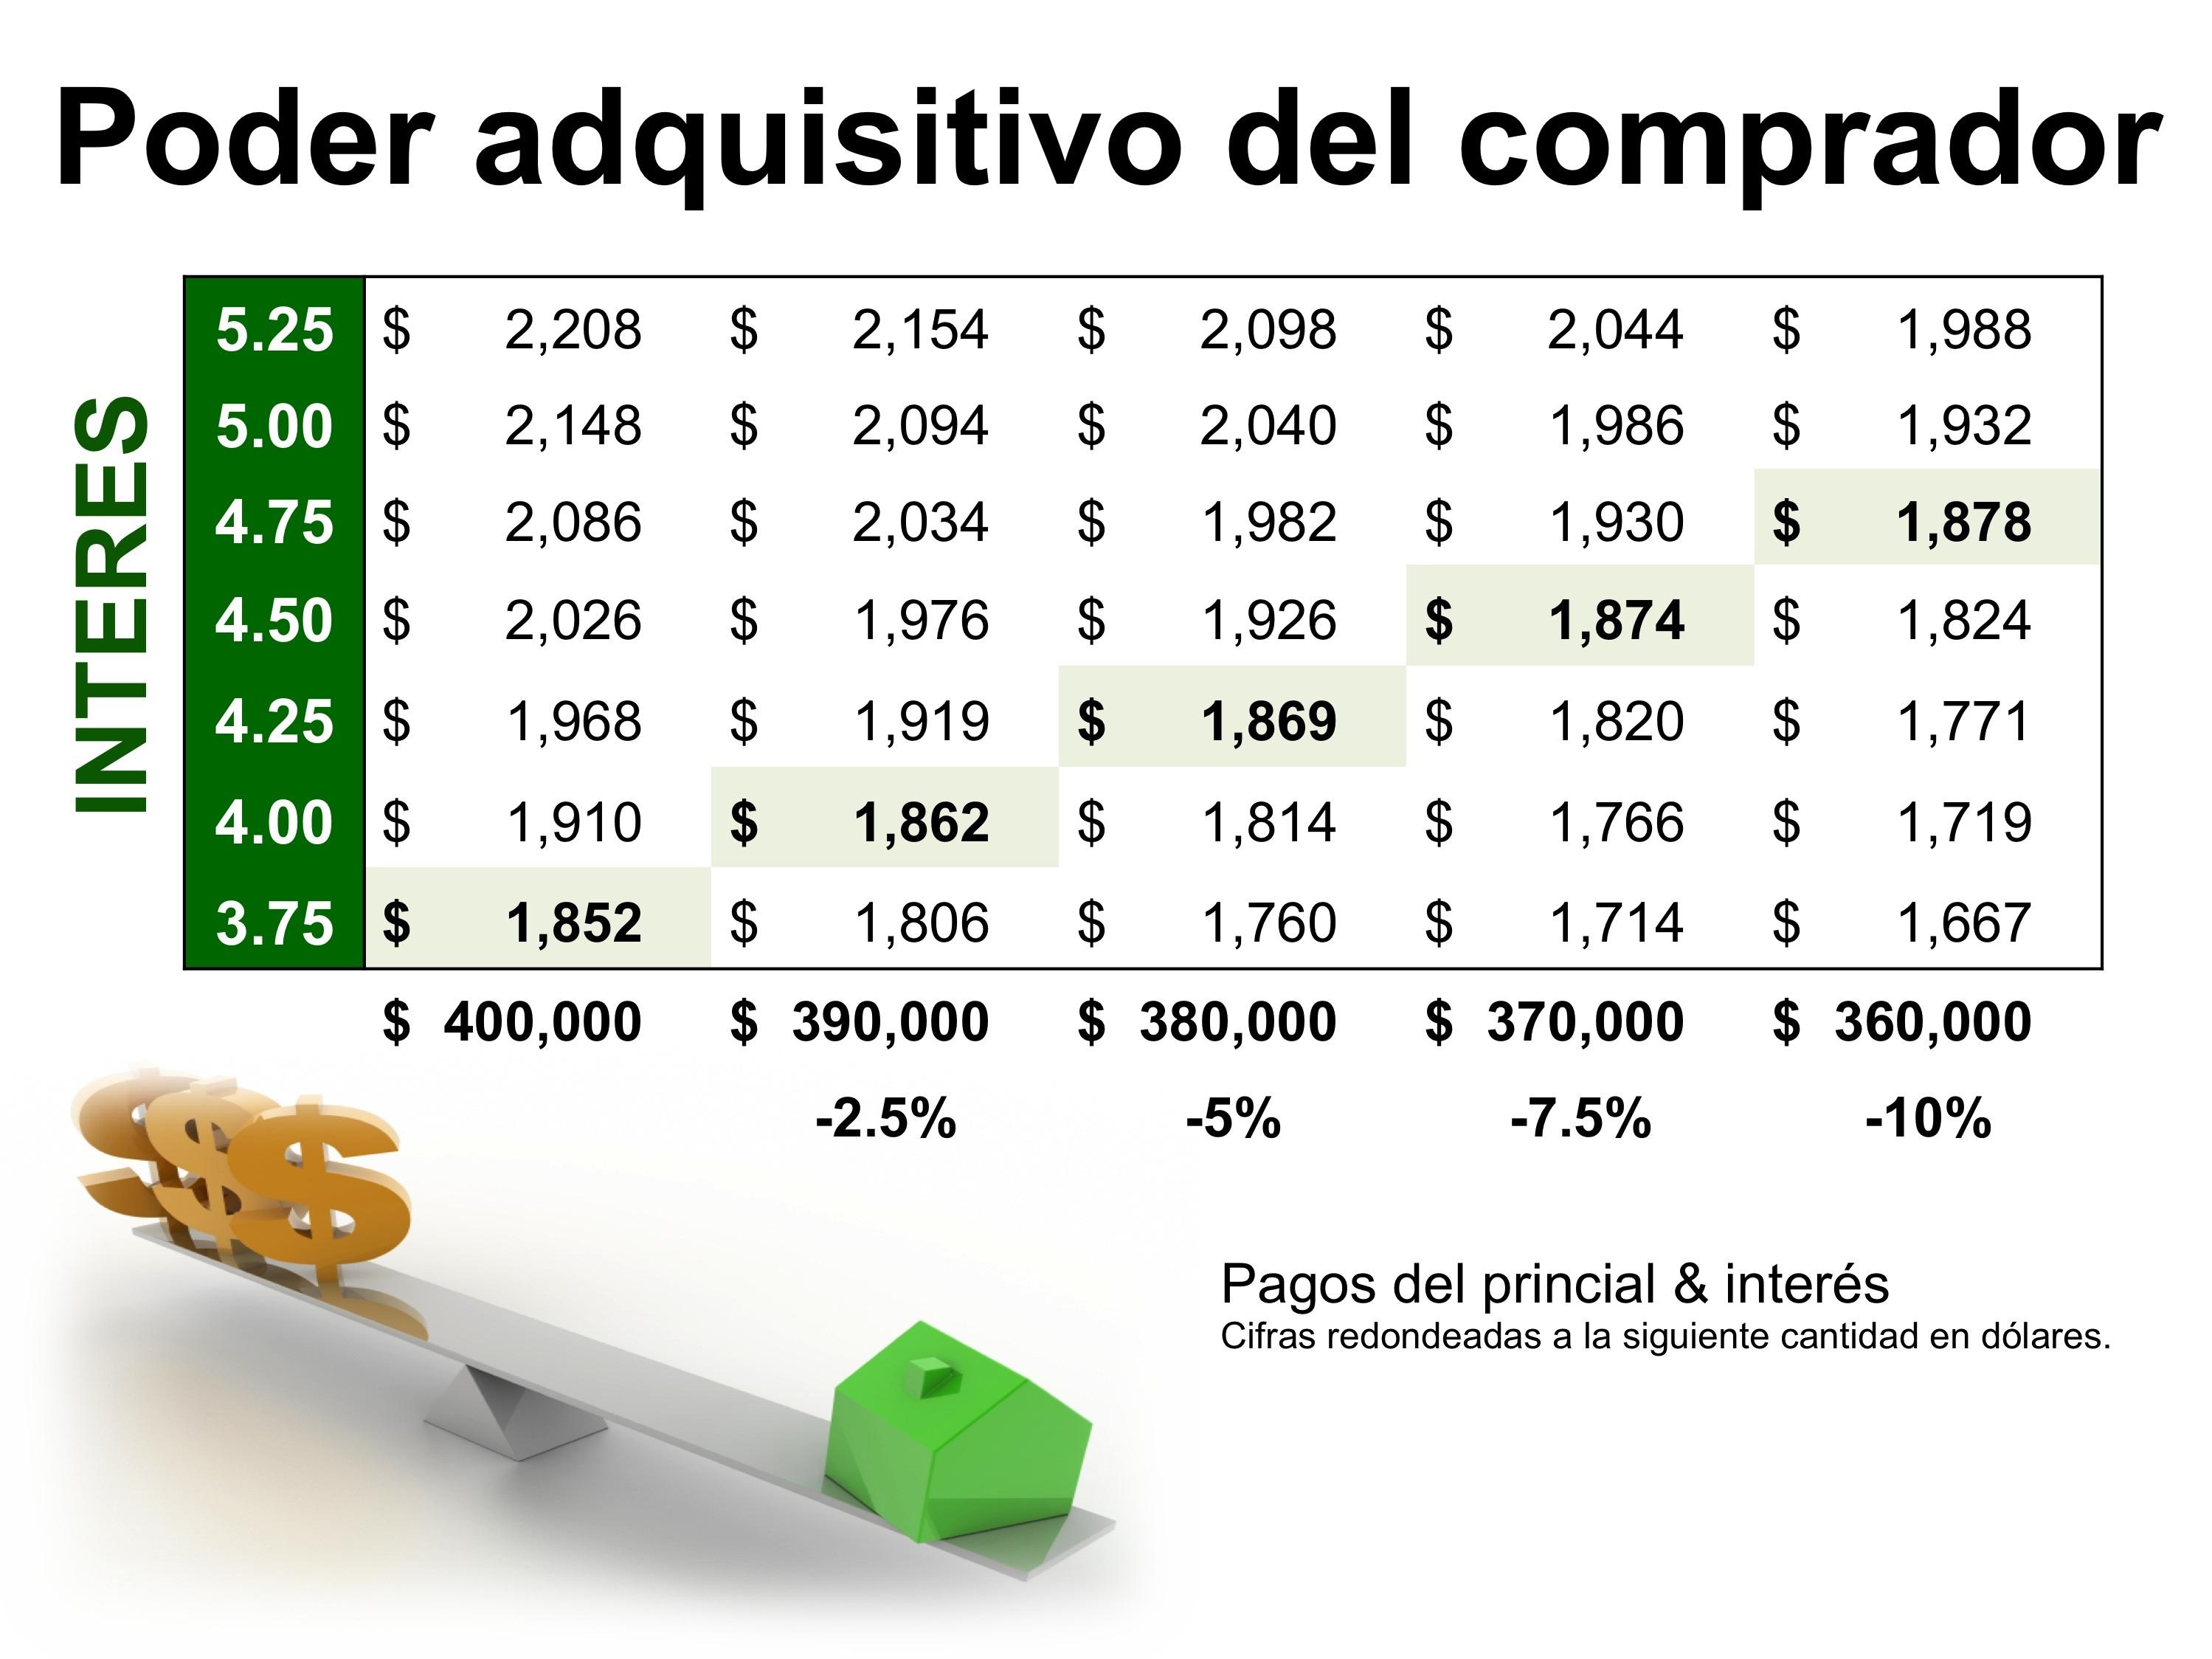 Poder adquisitivo del comprador  | Simplifying The Market